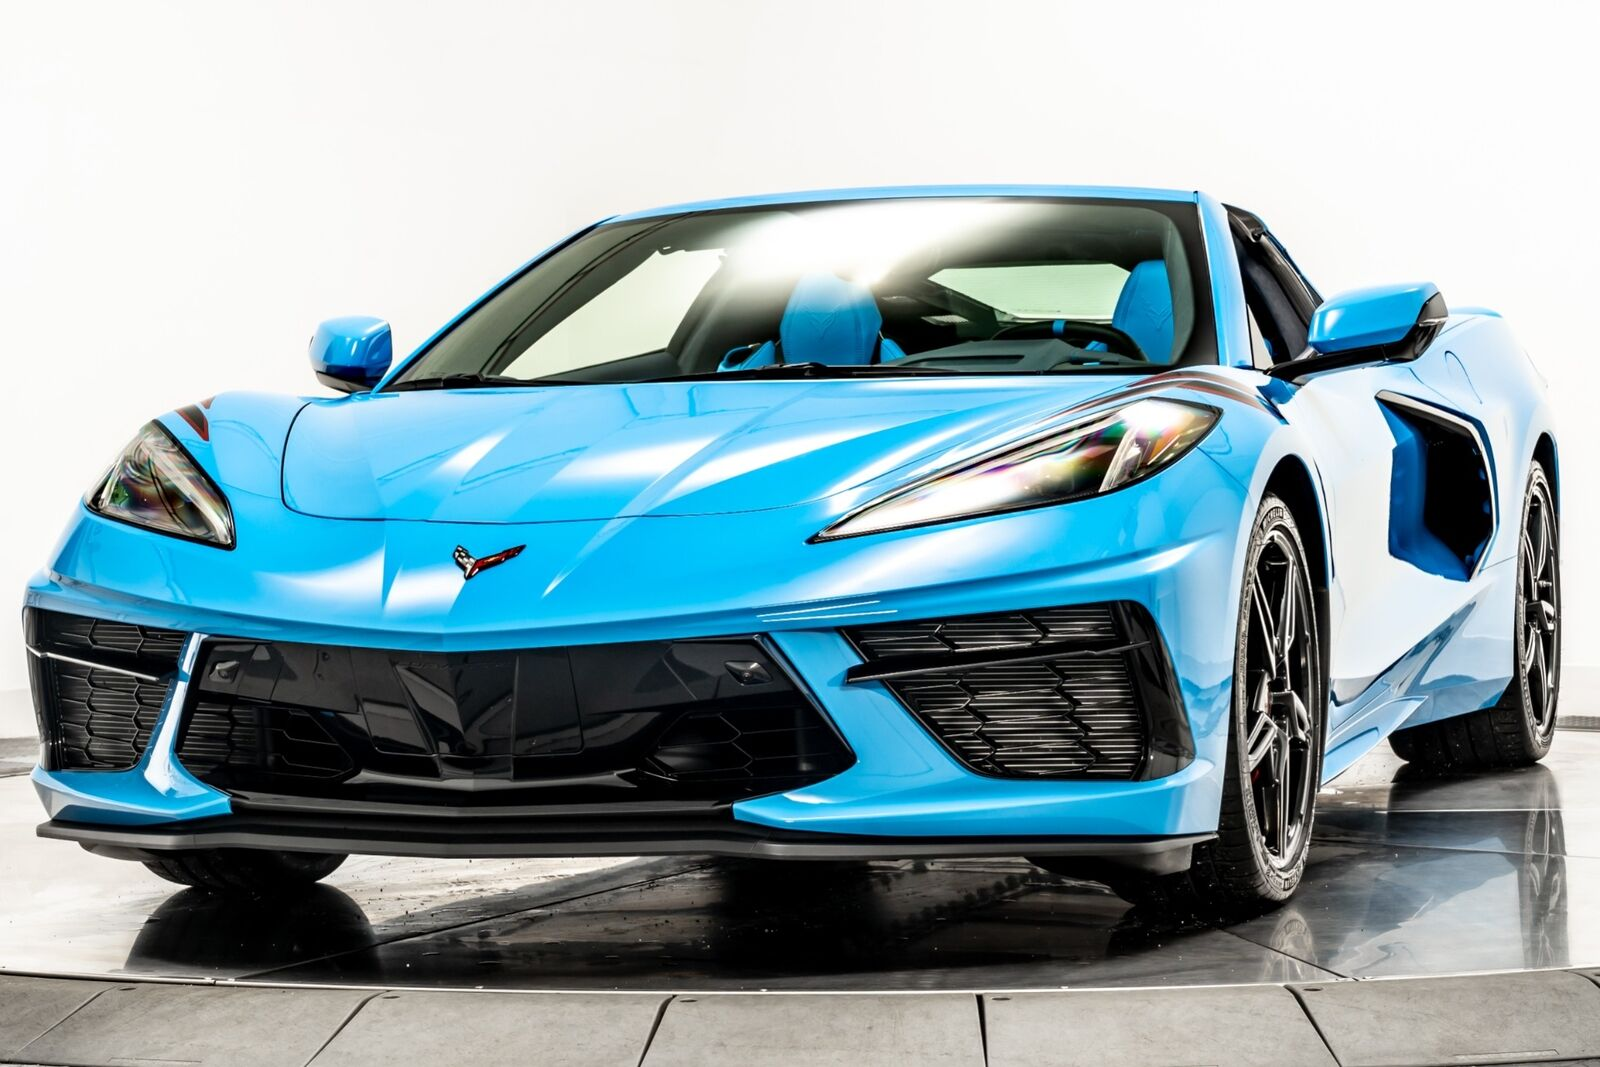 2021 Blue Chevrolet Corvette  3LT   C7 Corvette Photo 4